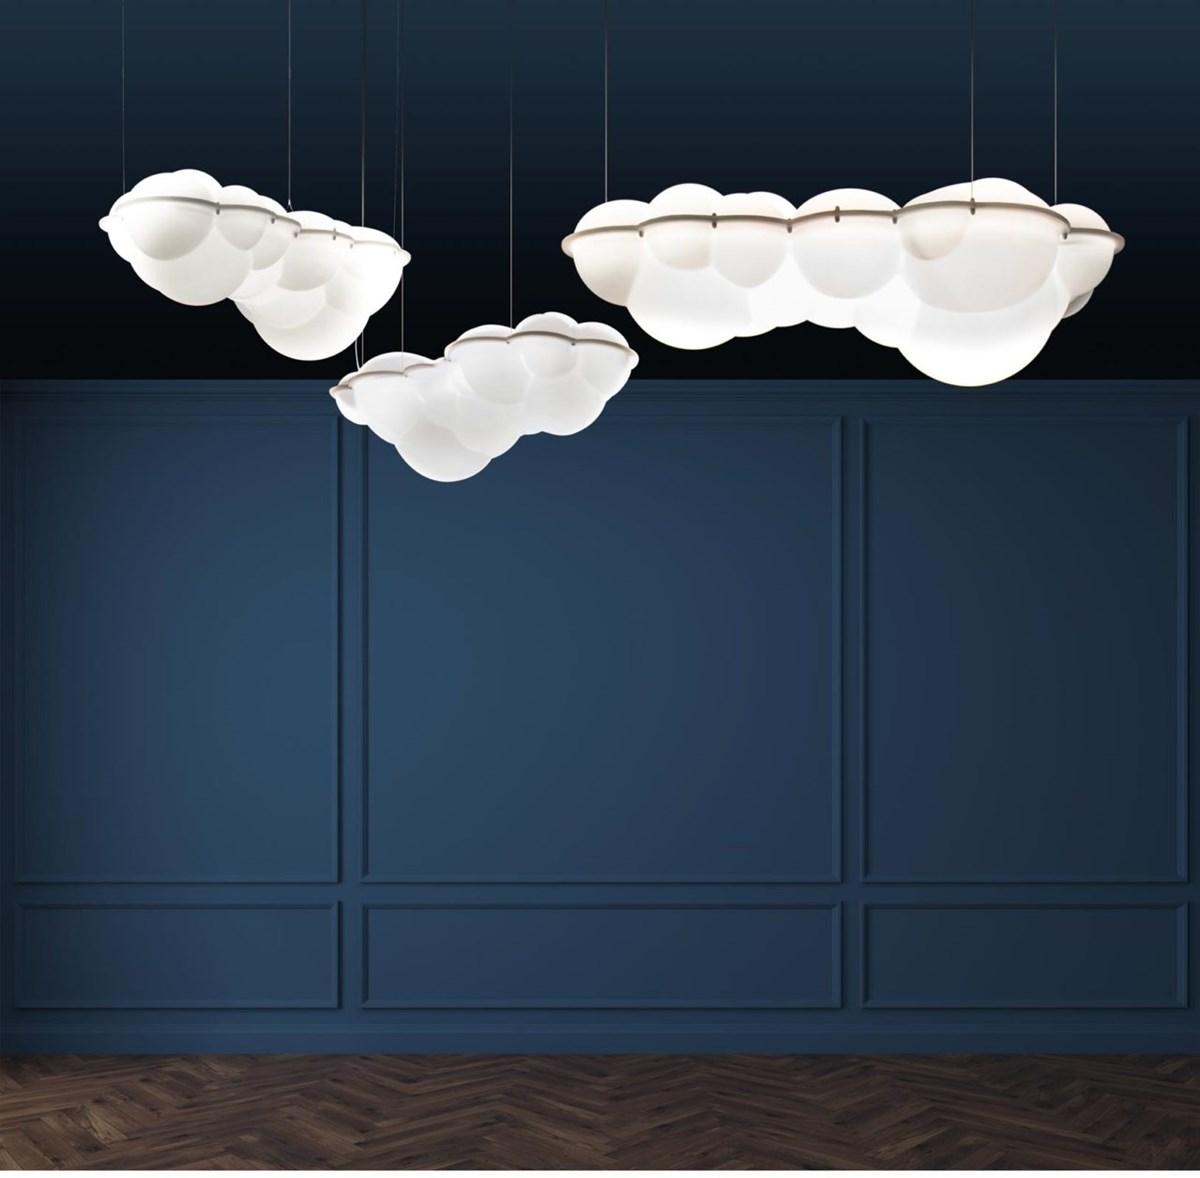 Nemo-Mario-Bellini-Nuvola-Pendant-Light-Matisse-5